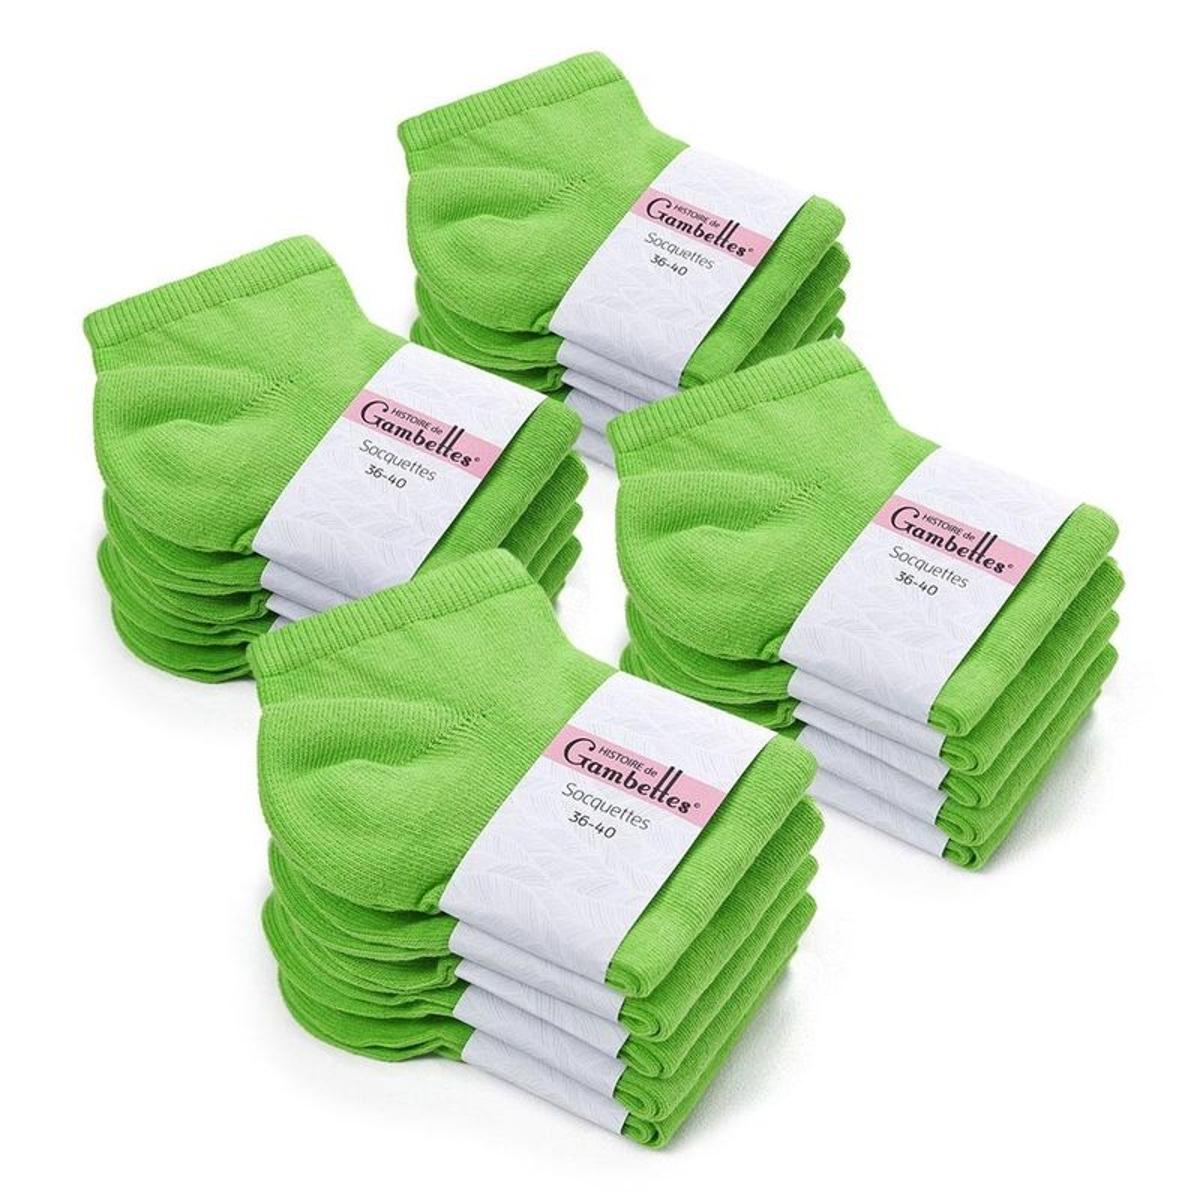 Socquettes coton  Lot 20 paires - Fabriqué en europe